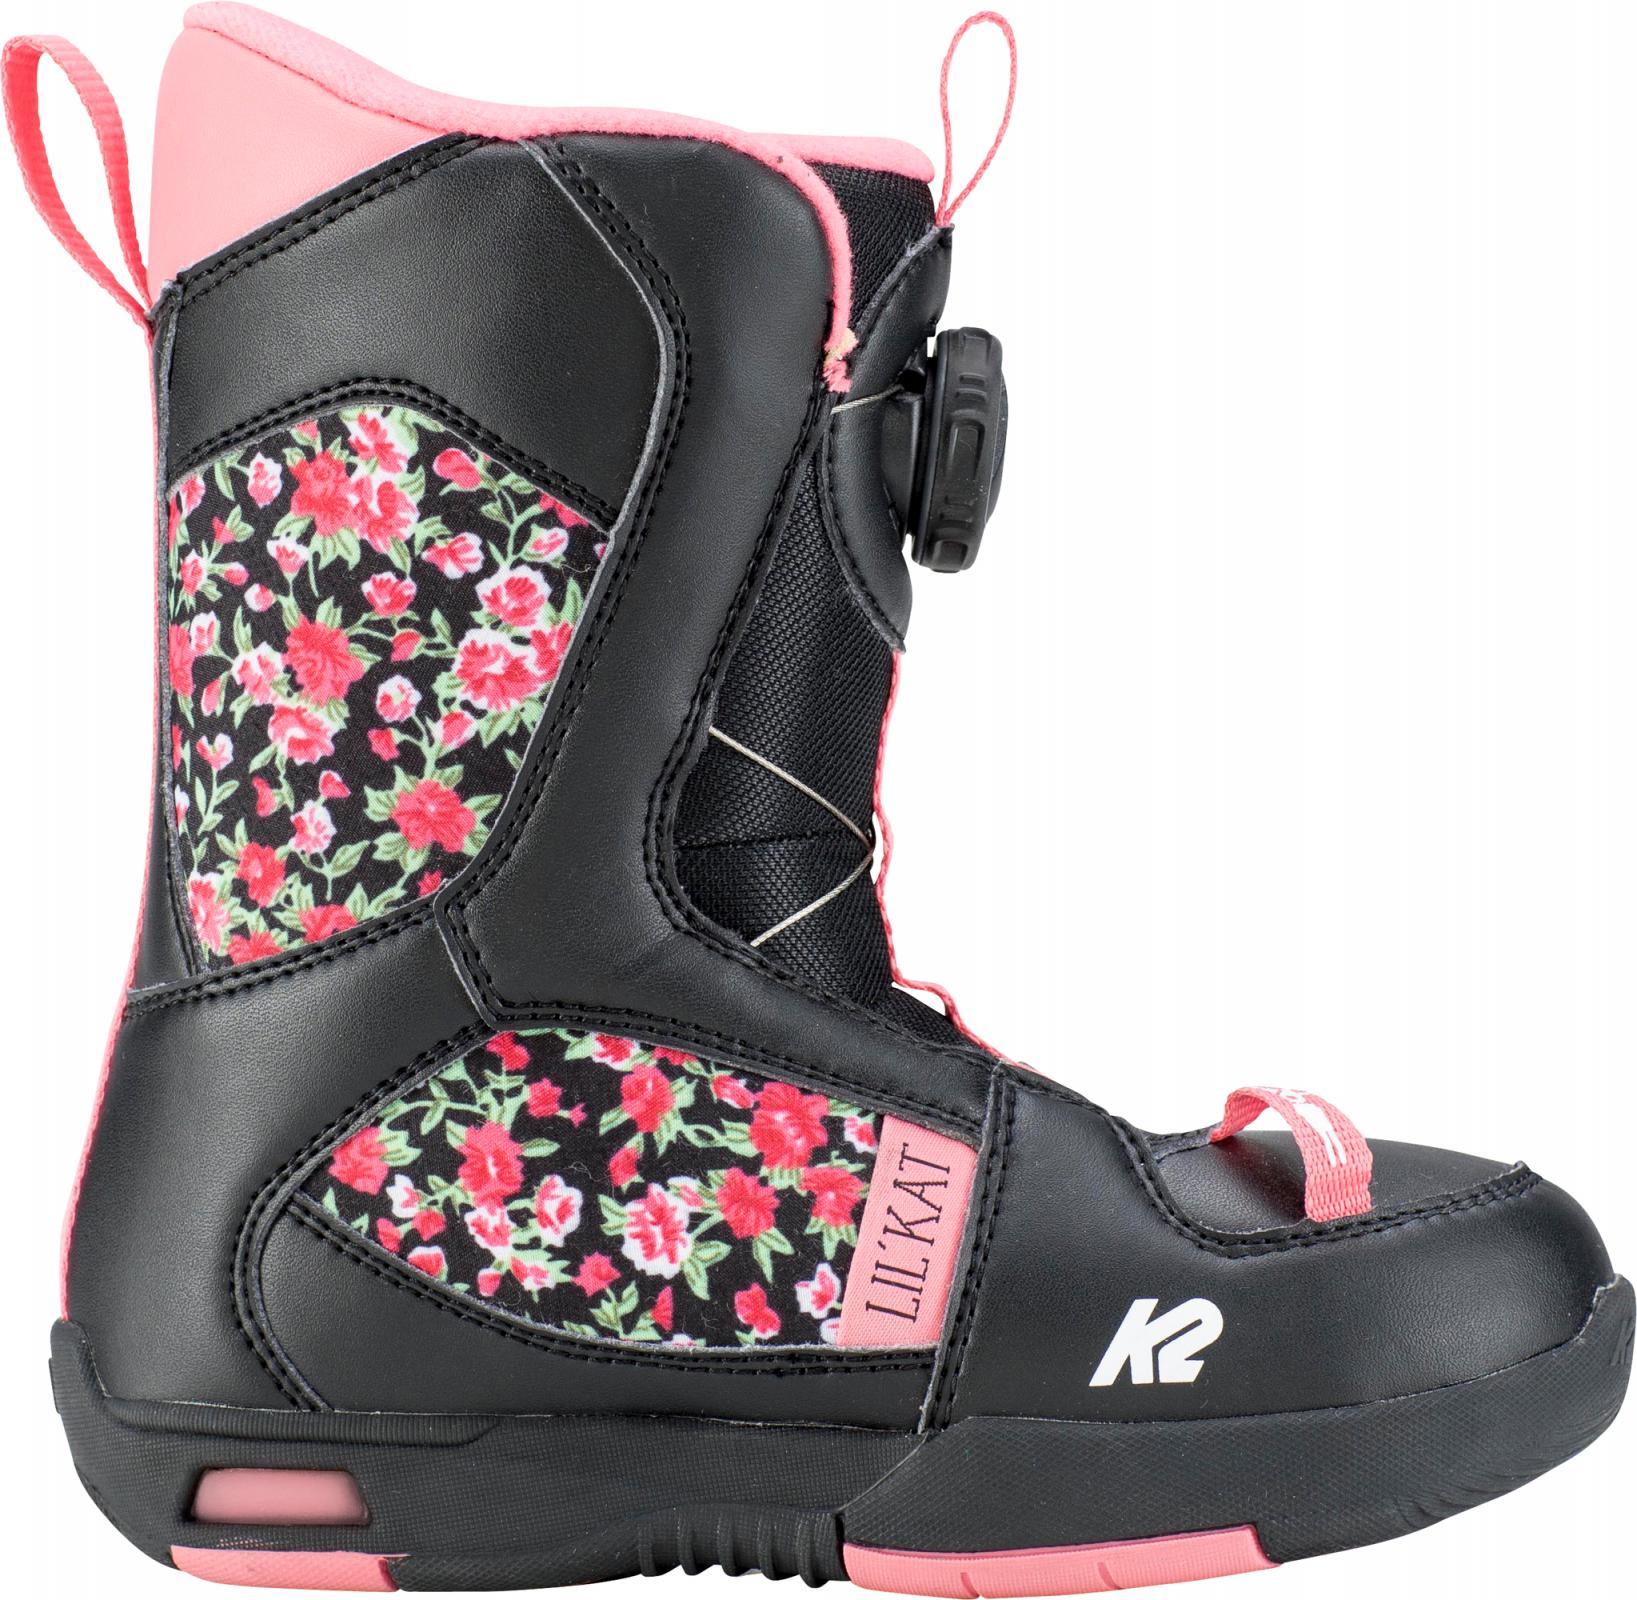 2019 K2 Lil Kat Junior Snowboard Boots